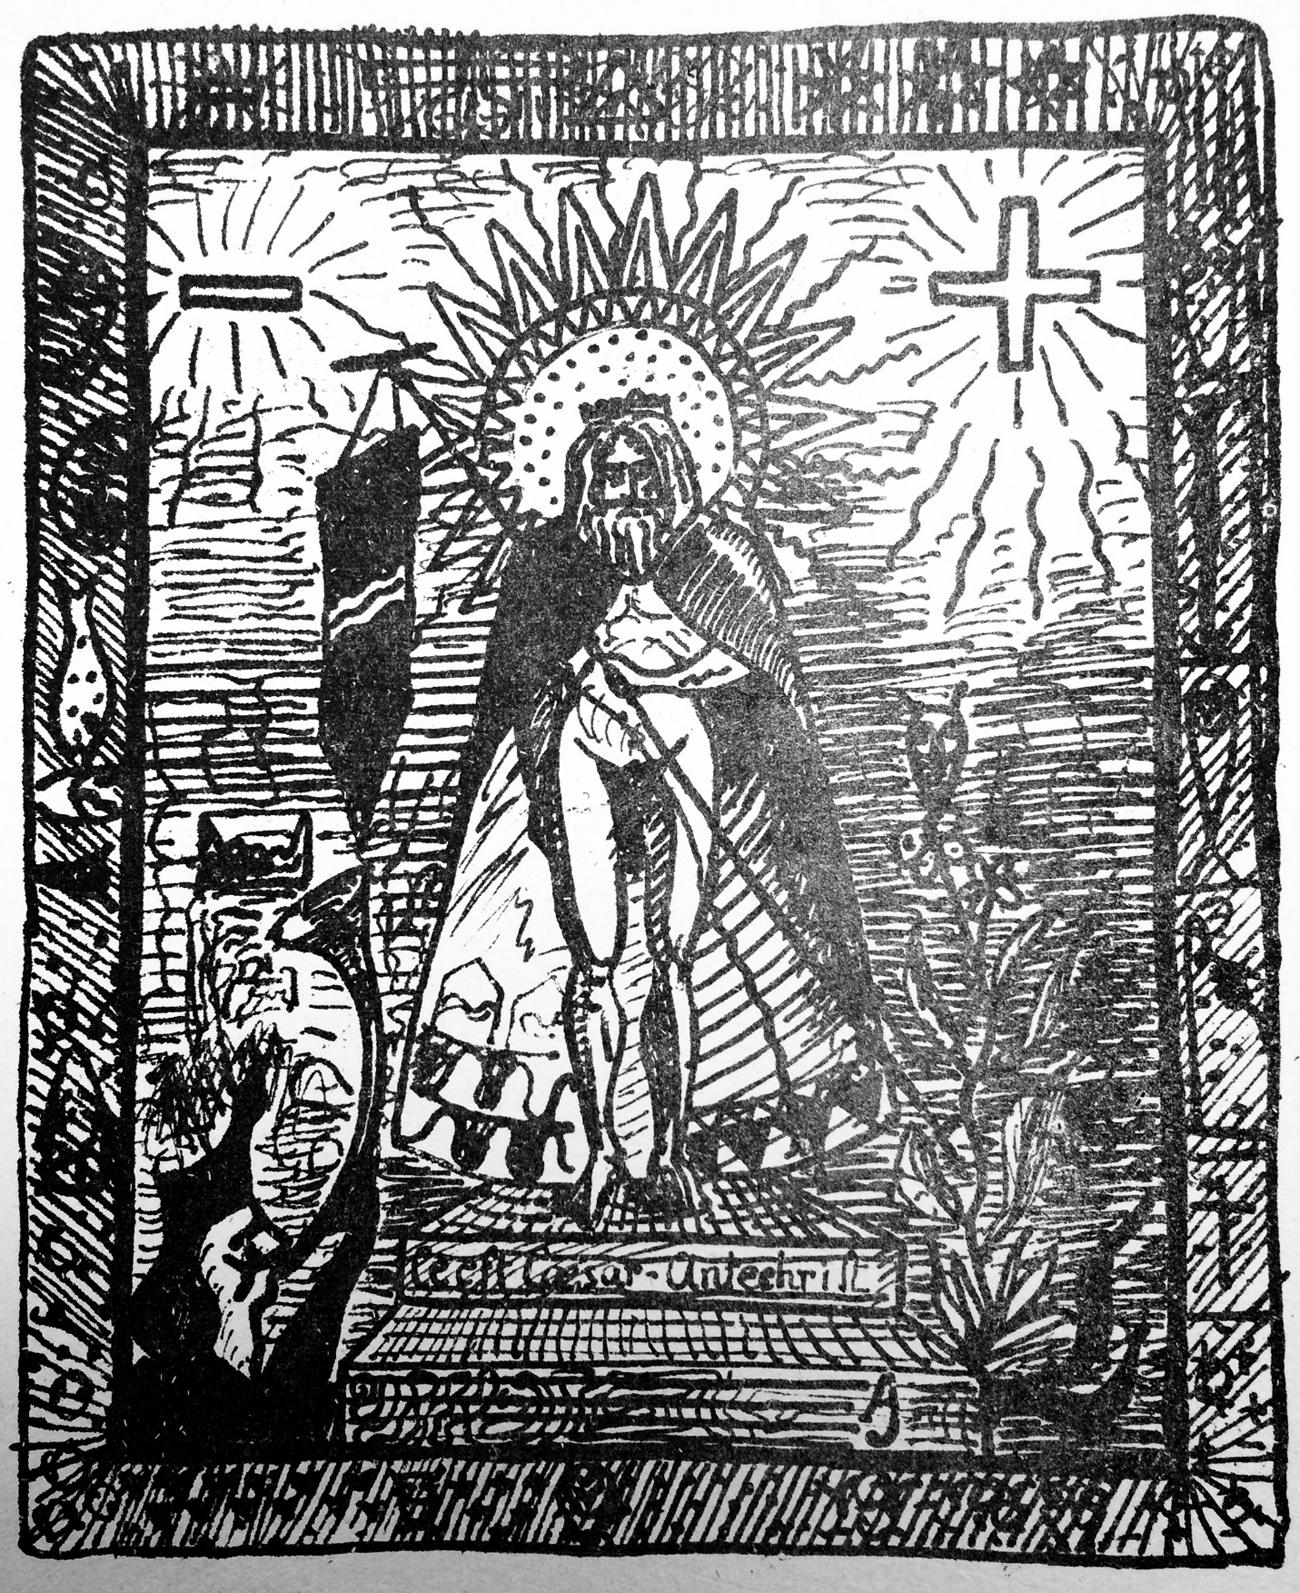 César-Antéchrist, Alfred Jarry. Lithograph. Published in L'Ymagier, no.2 (1895).